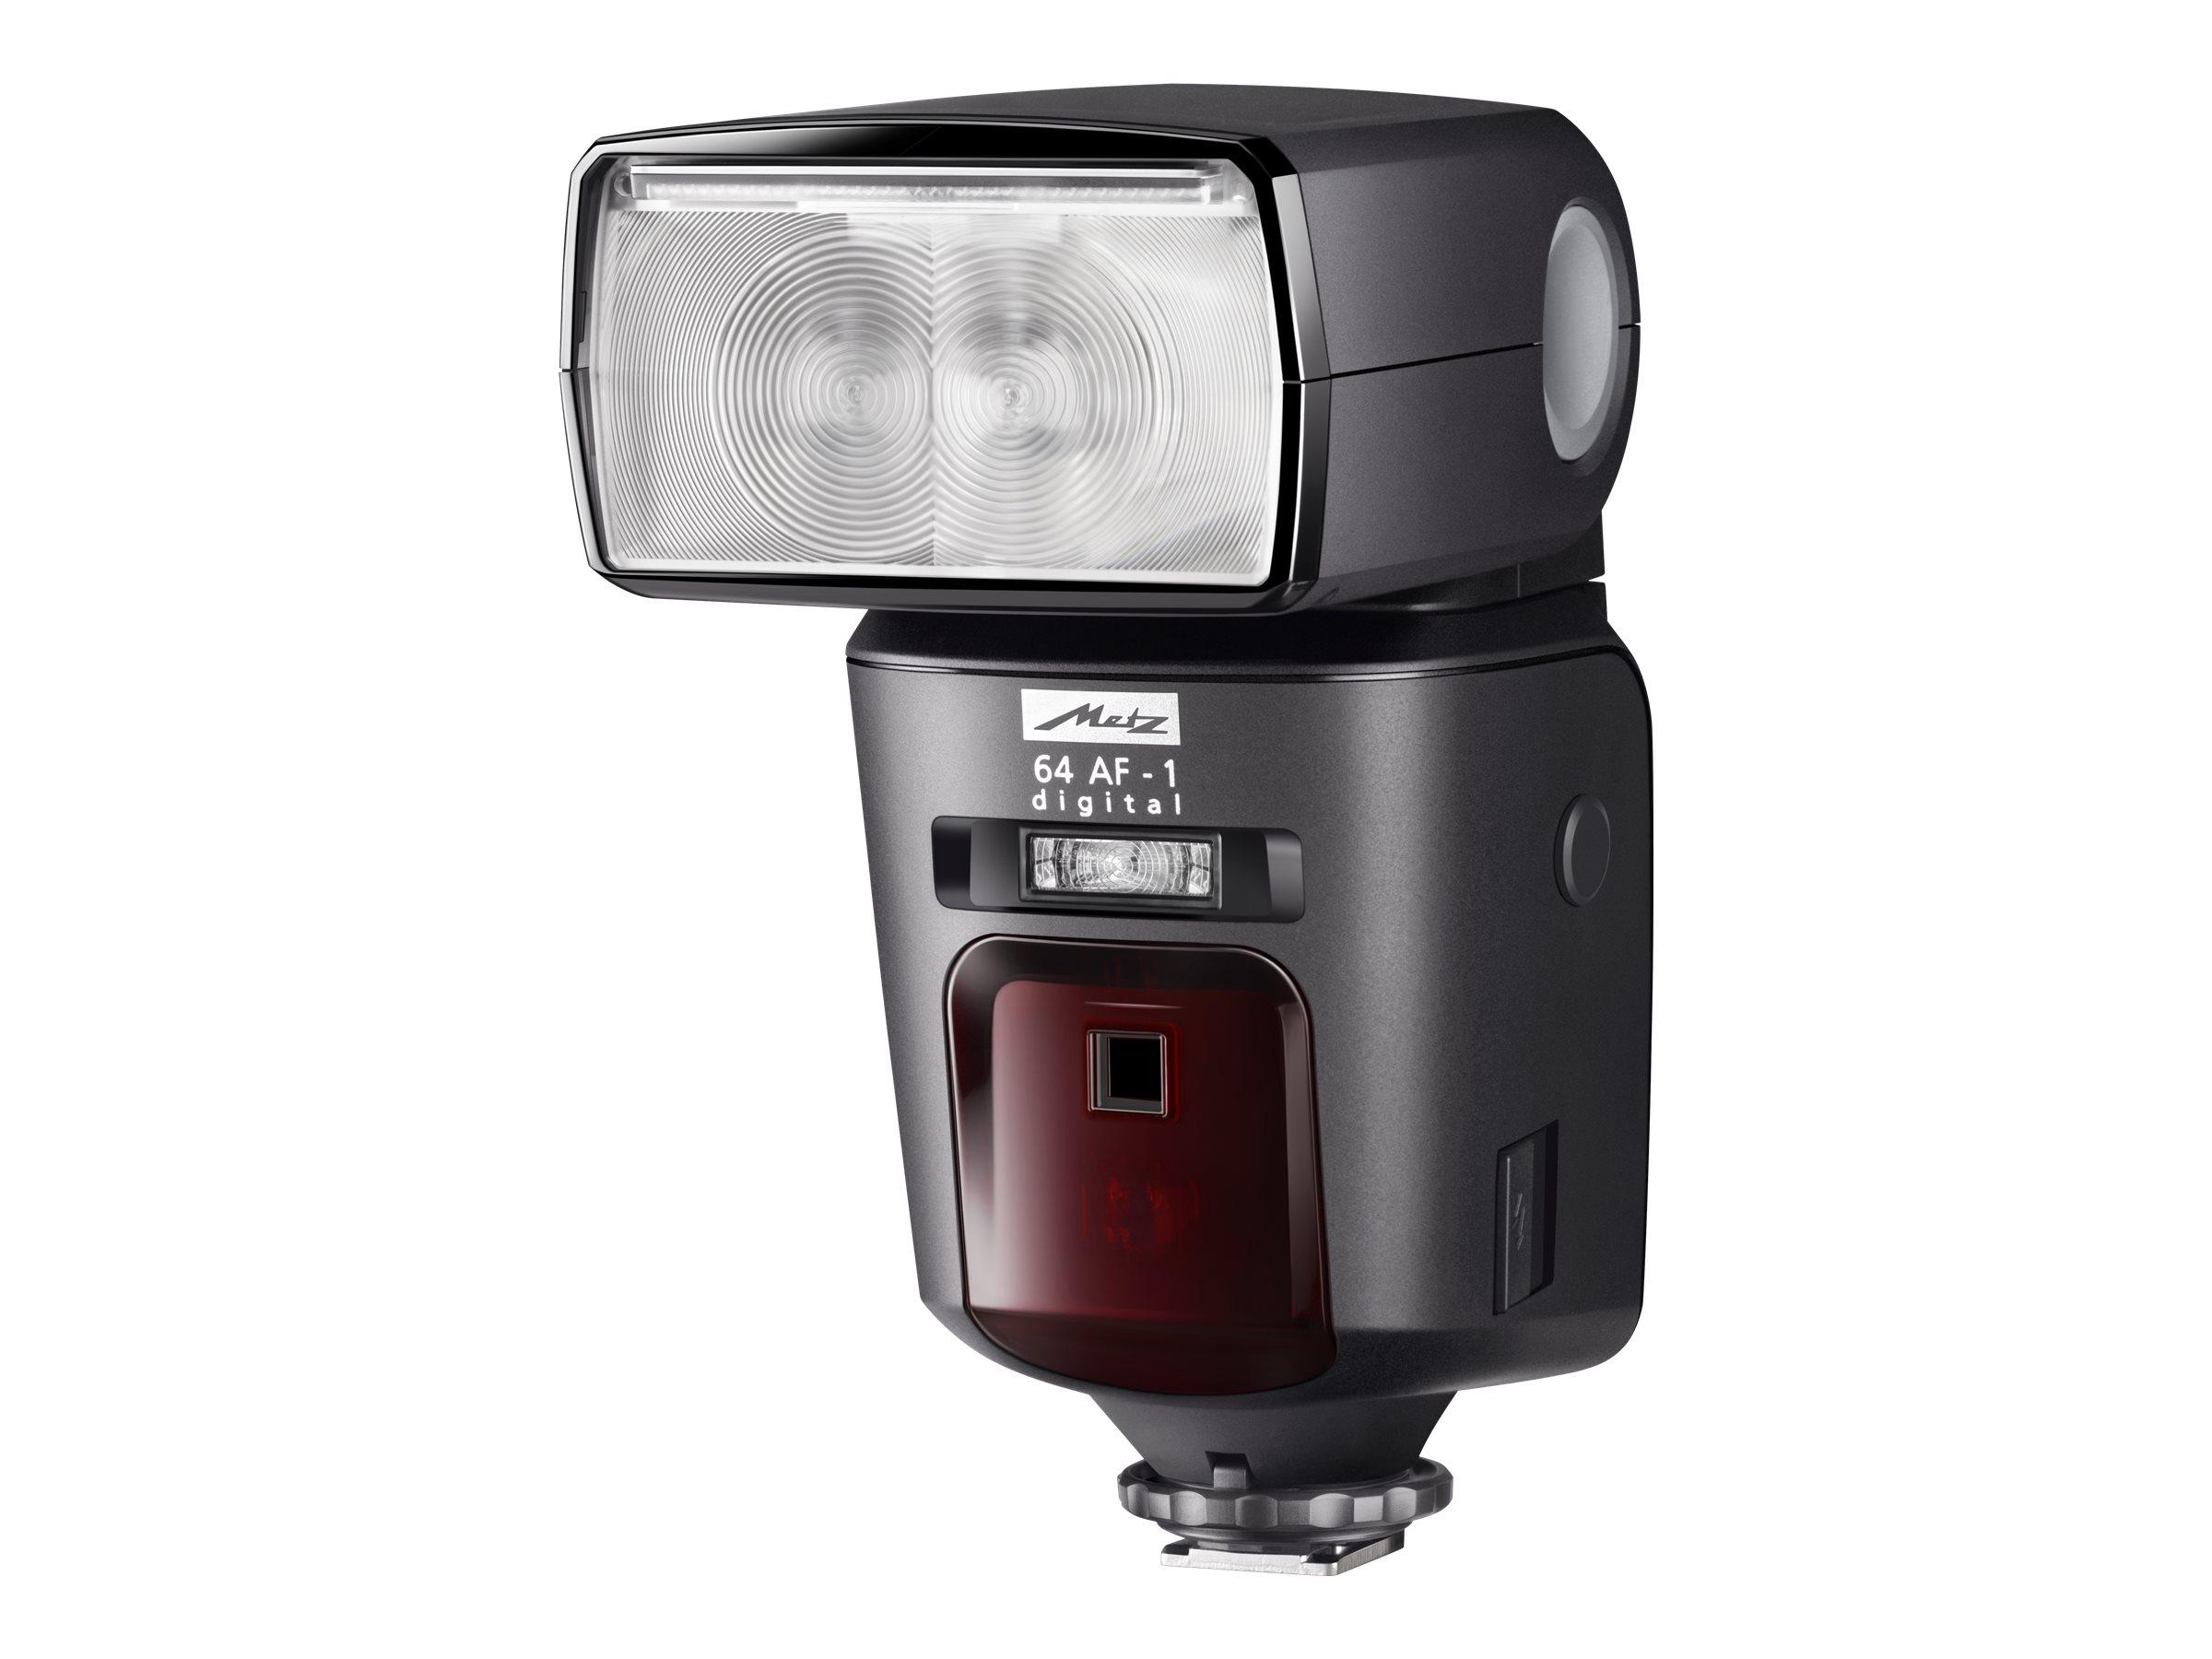 Metz Mecablitz 64 AF-1 digital - Blitzgerät - 64 (m) - für Canon EOS 100, 1200, 1D, 5D, 650, 6D, 70, 700, 7D, M; PowerShot G1, G